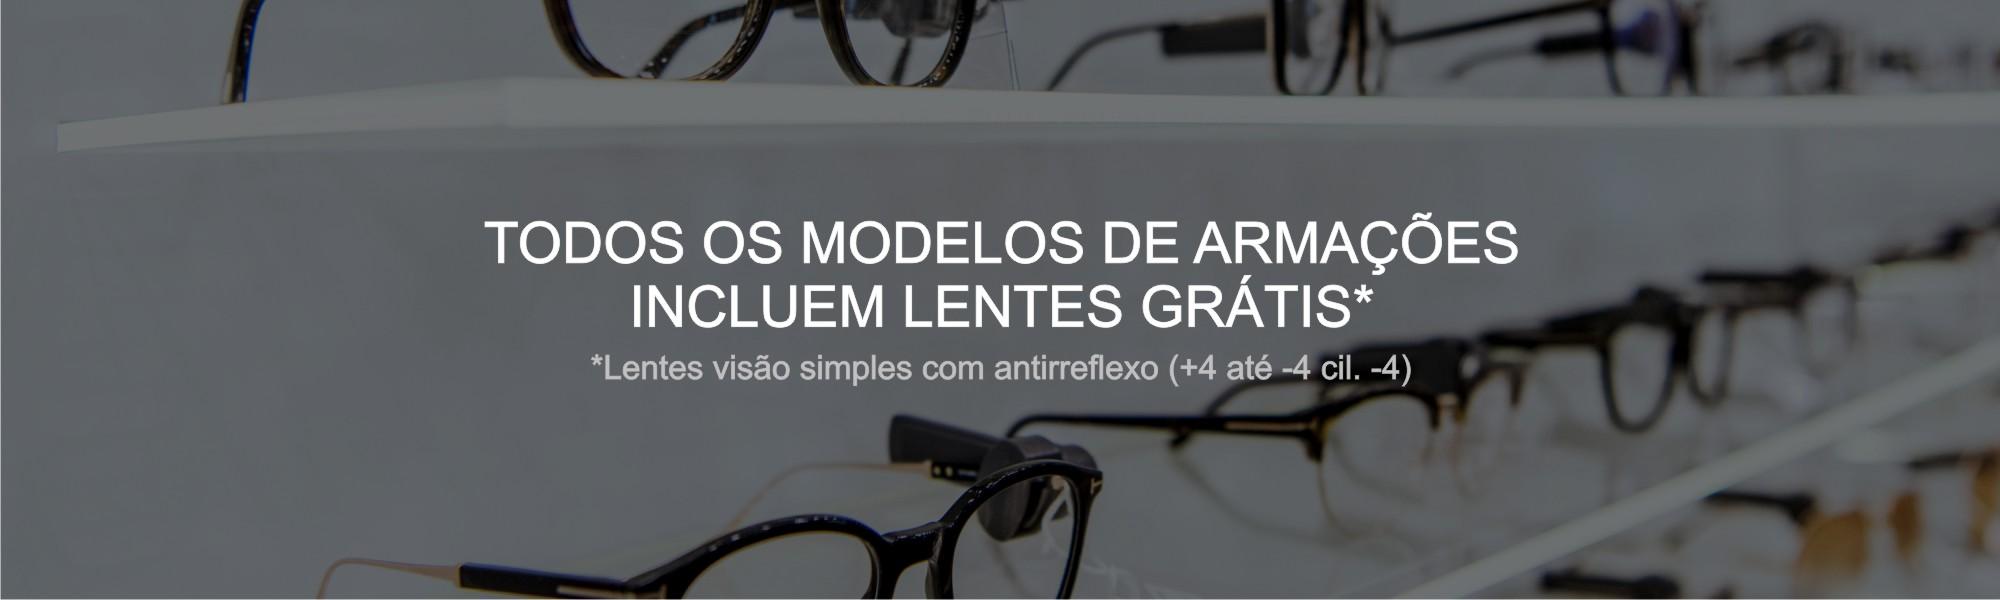 Todos óculos